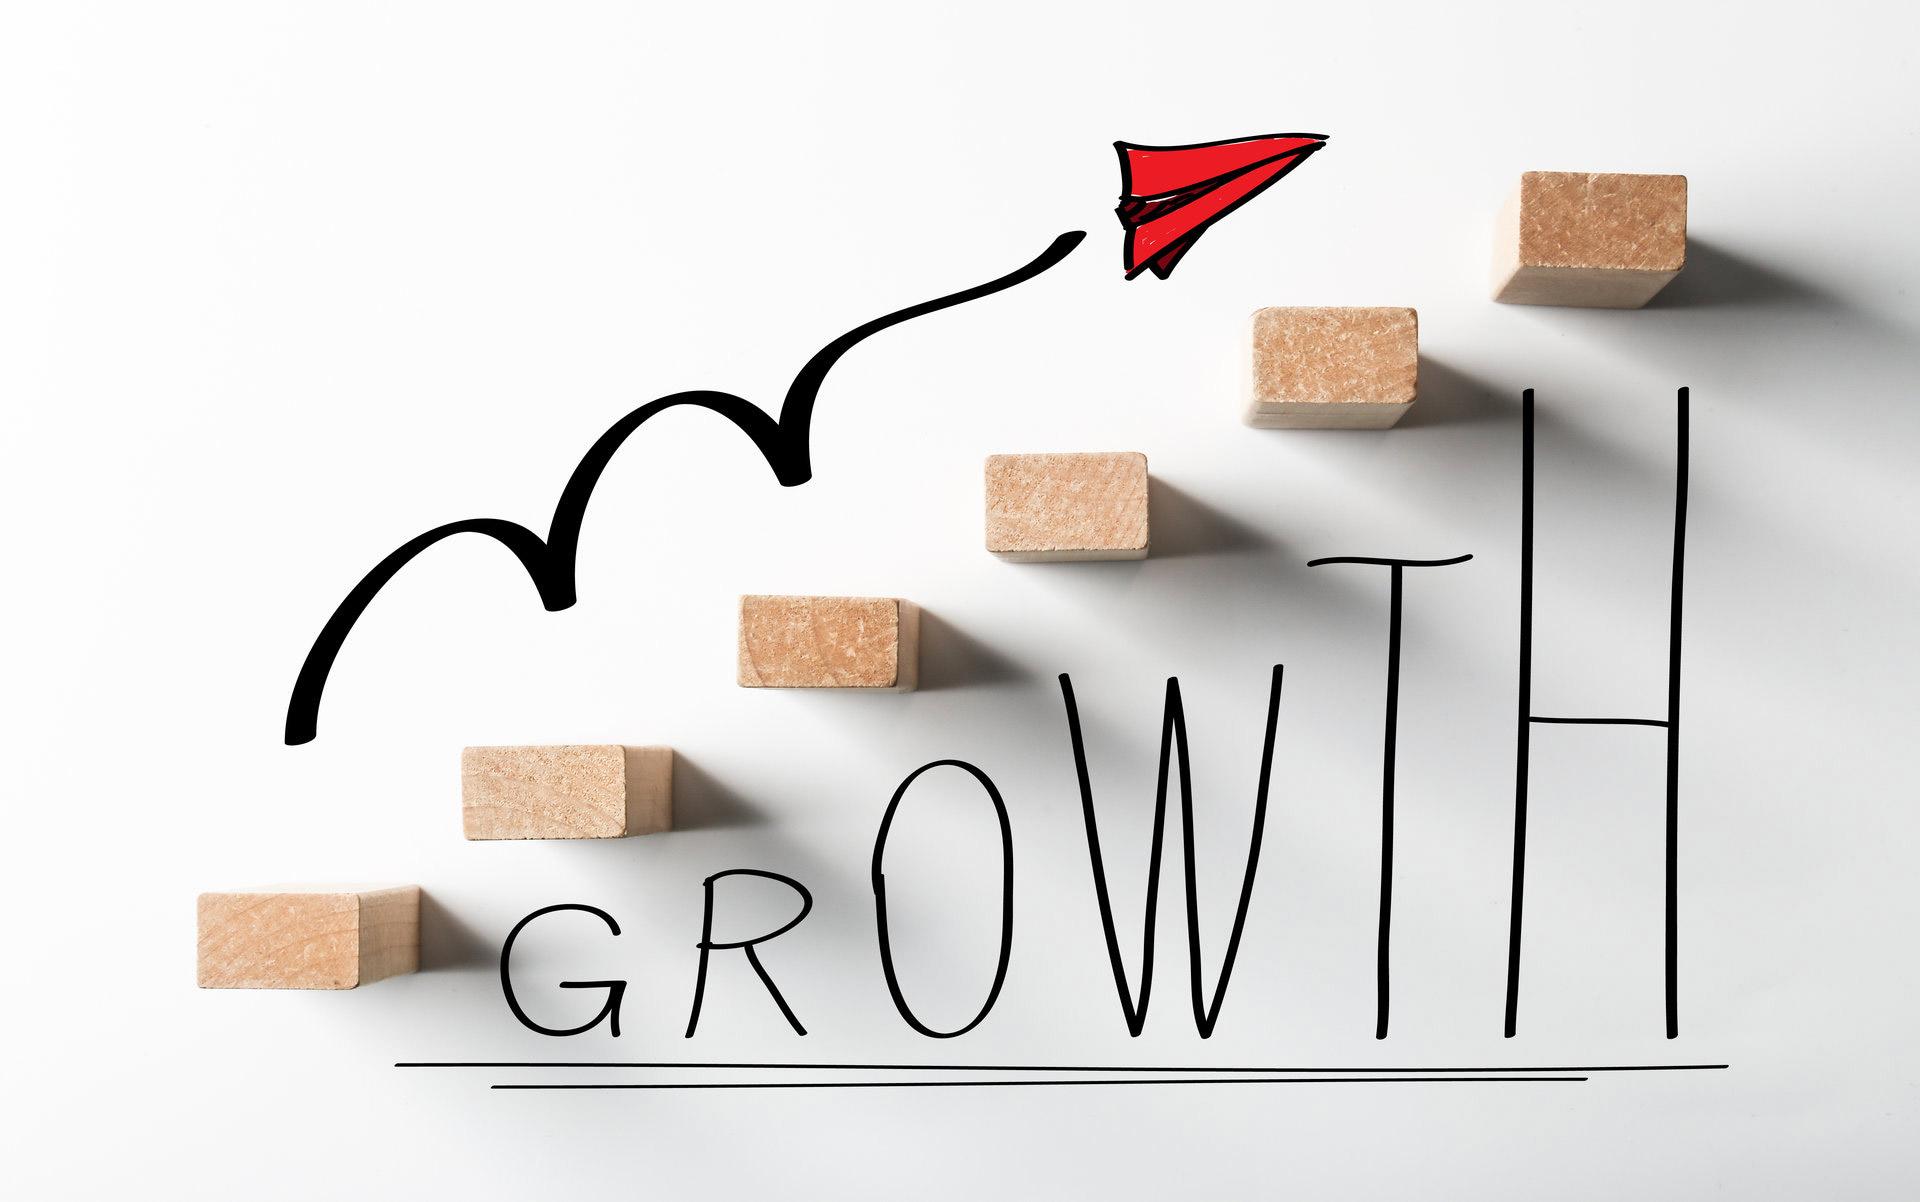 Бесплатный вебинар: Growth Hacking. 10 механик взрывного маркетинга и продаж для малого и среднего бизнеса